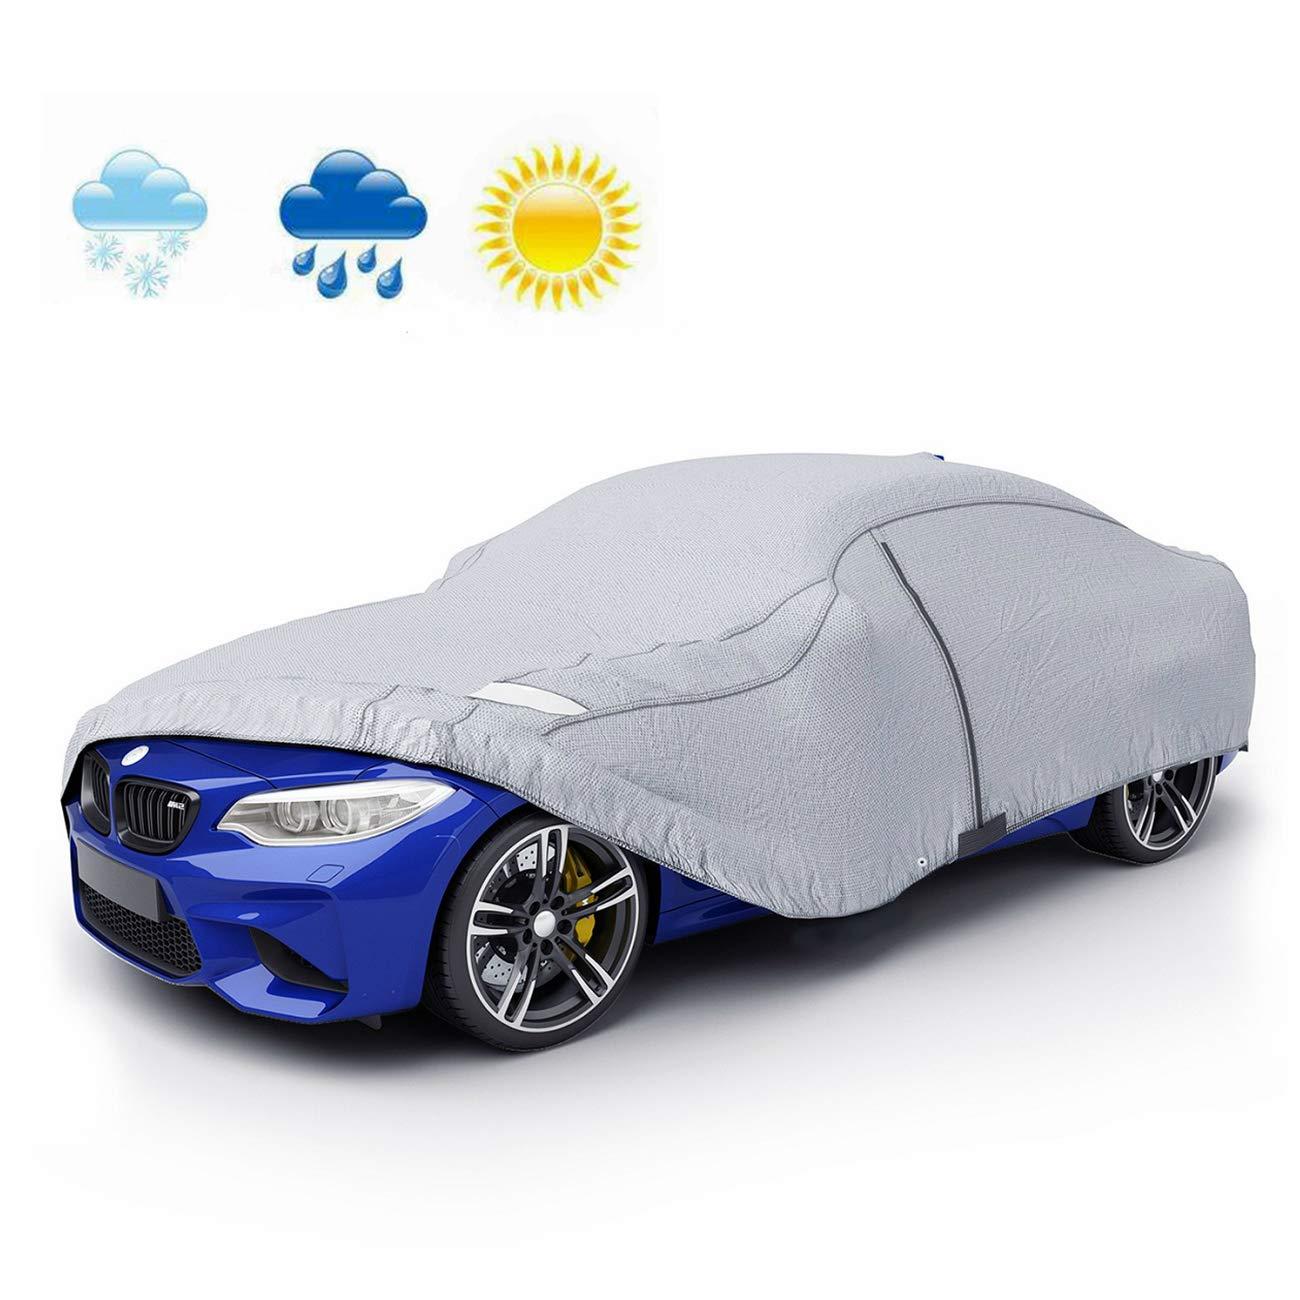 165 Auto Abdeckplane Autoabdeckung Vollgarage Wasserdicht Sonnenschutz UV-Schutz Wetterfest PEVA Umweltfreundliche Materialien 432 120cm VETOMILE M